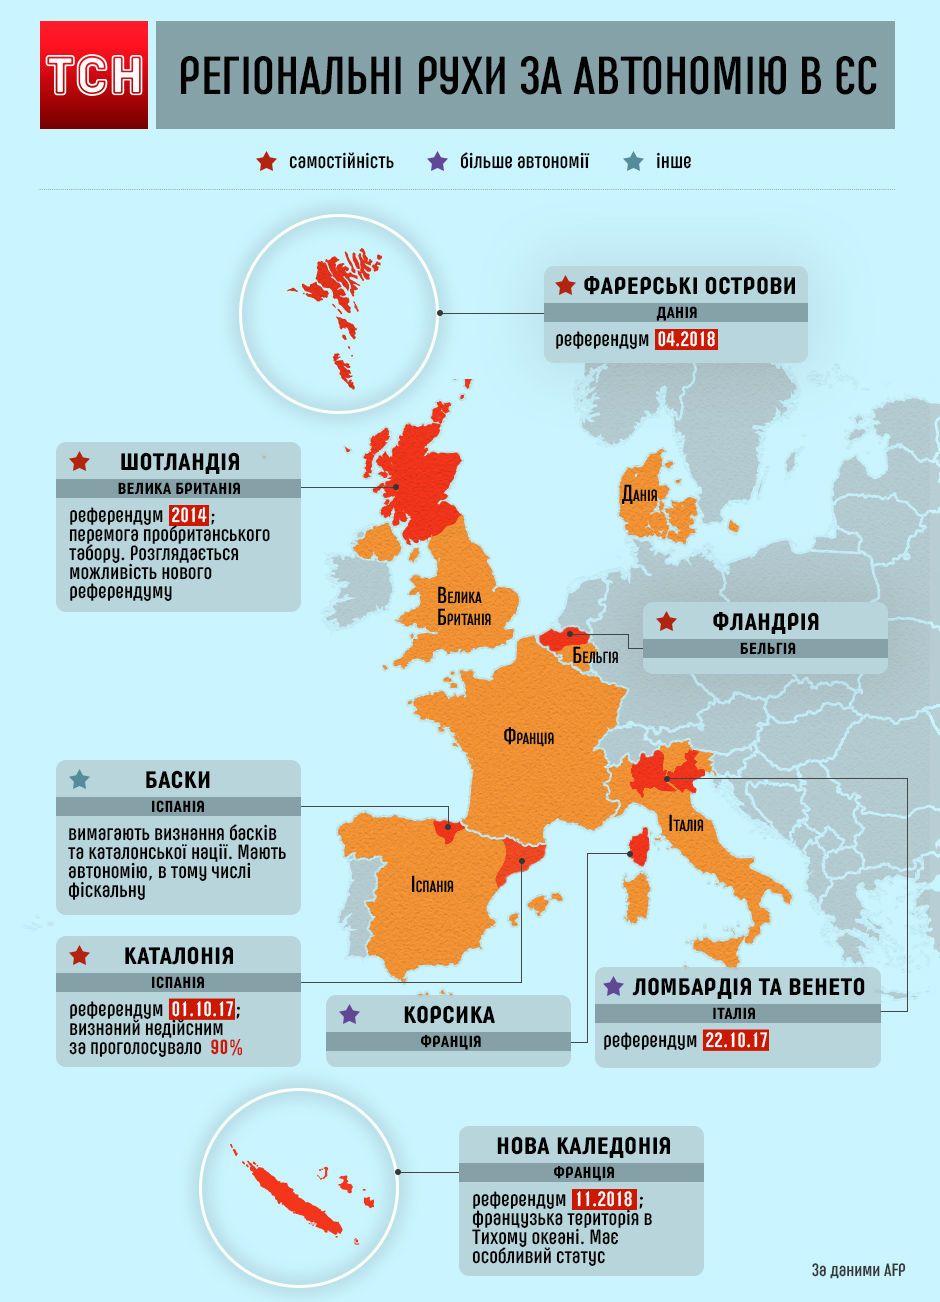 сепаратистські настрої у ЄС, Європі